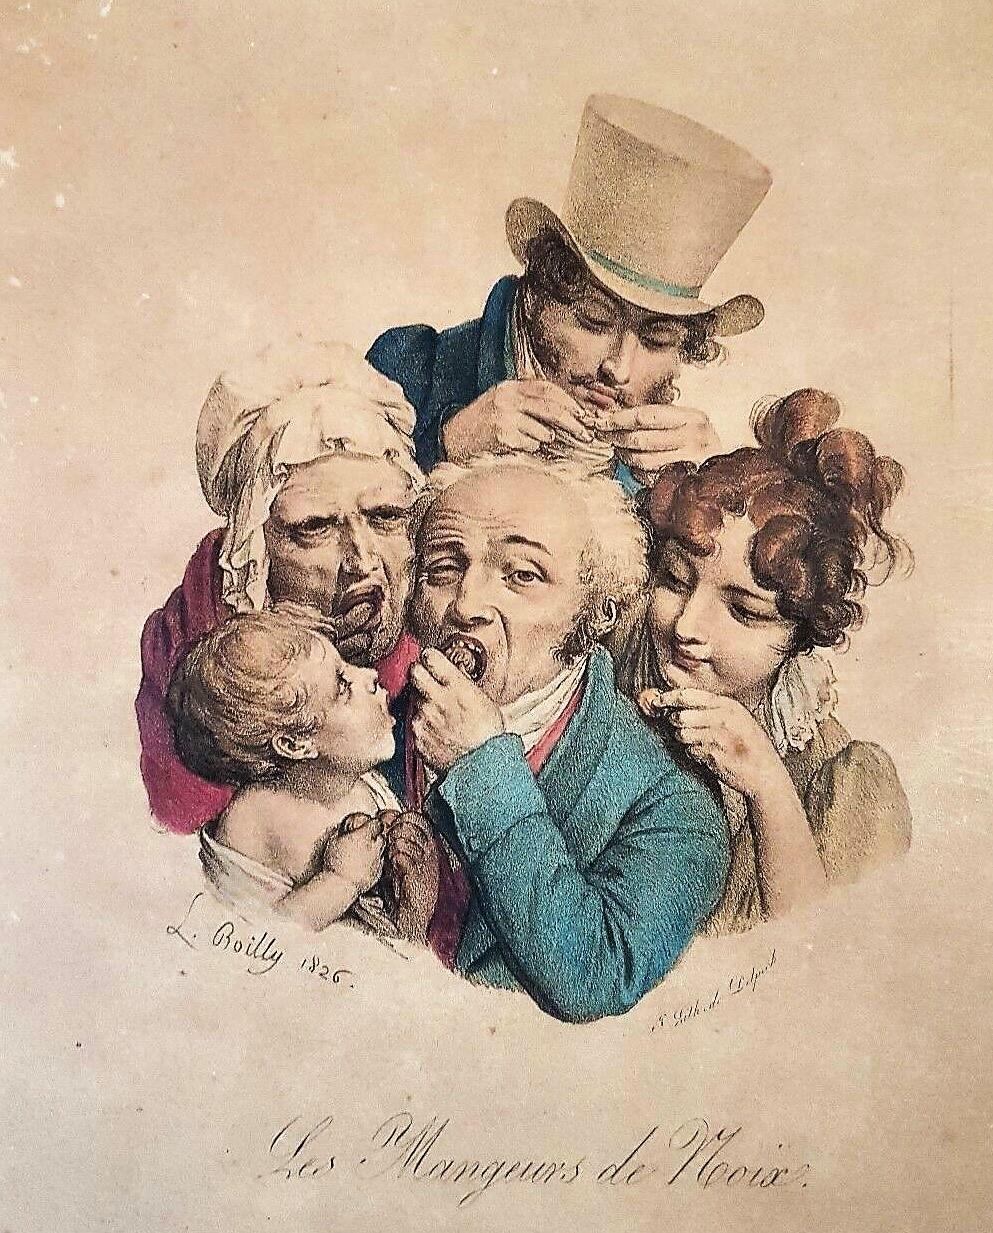 Boilly 1826 Les mangeurs de noix Les grimaces